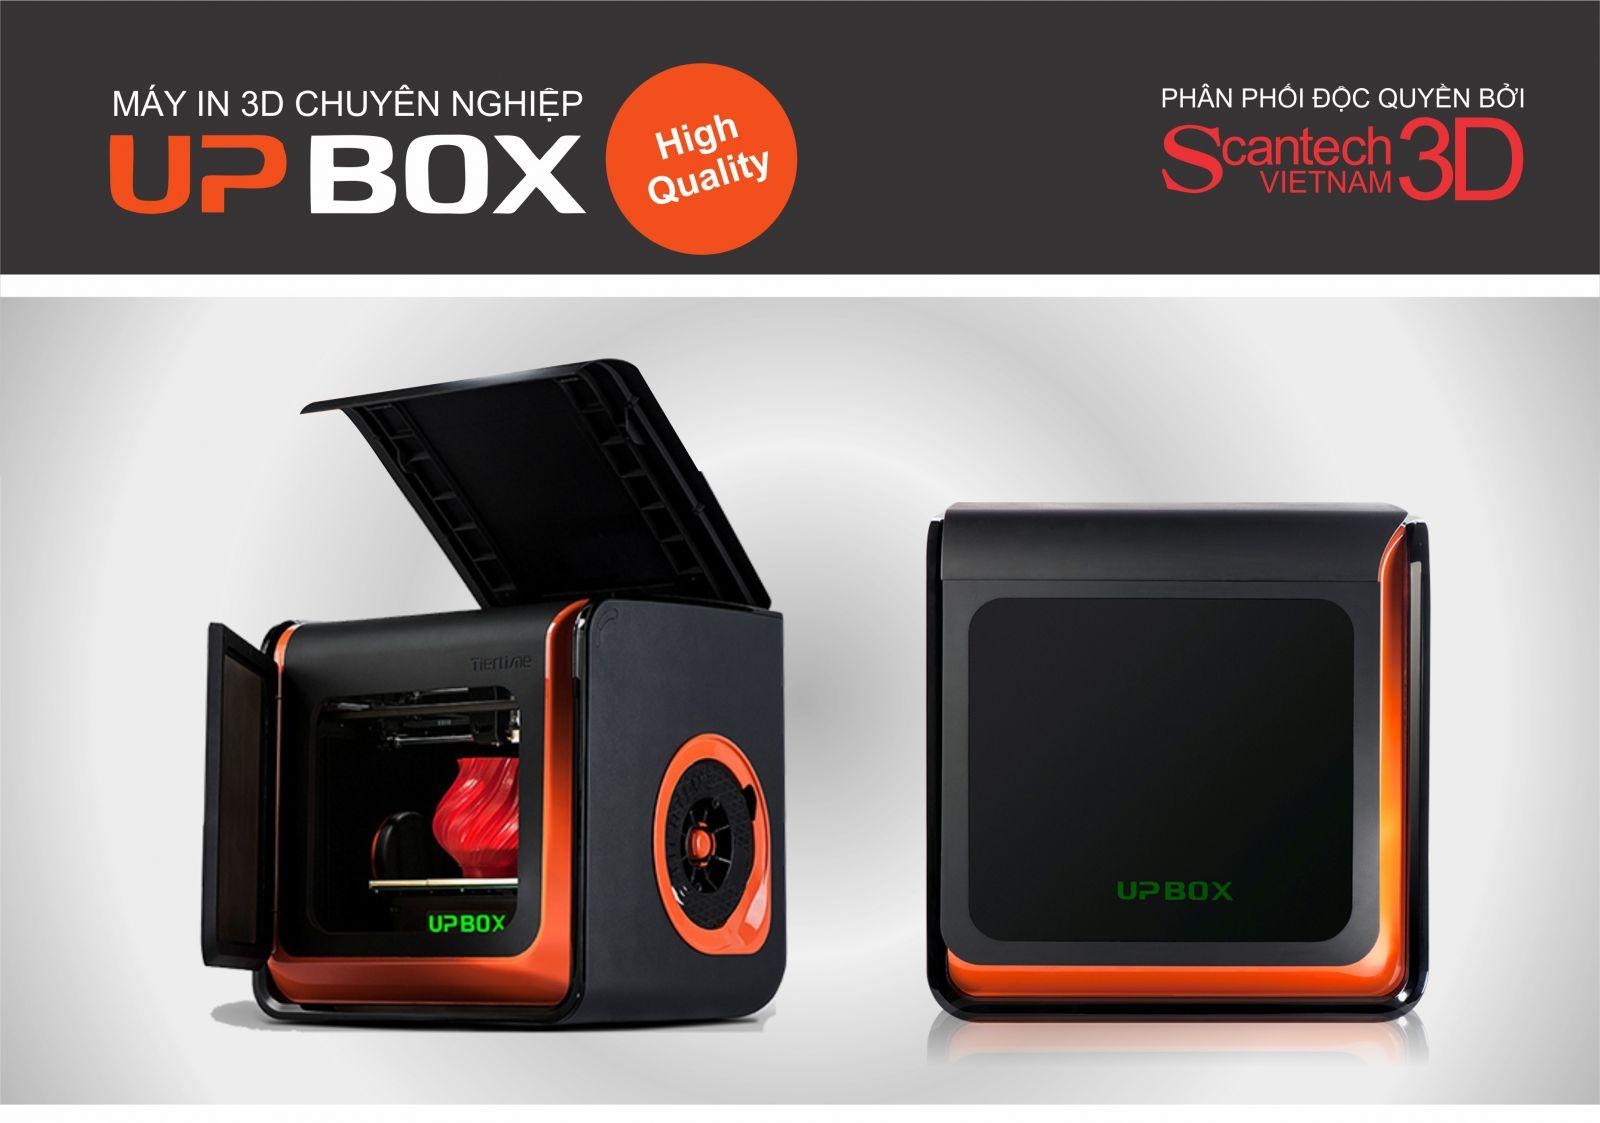 Máy in 3D chuyên nghiệp - UP BOX